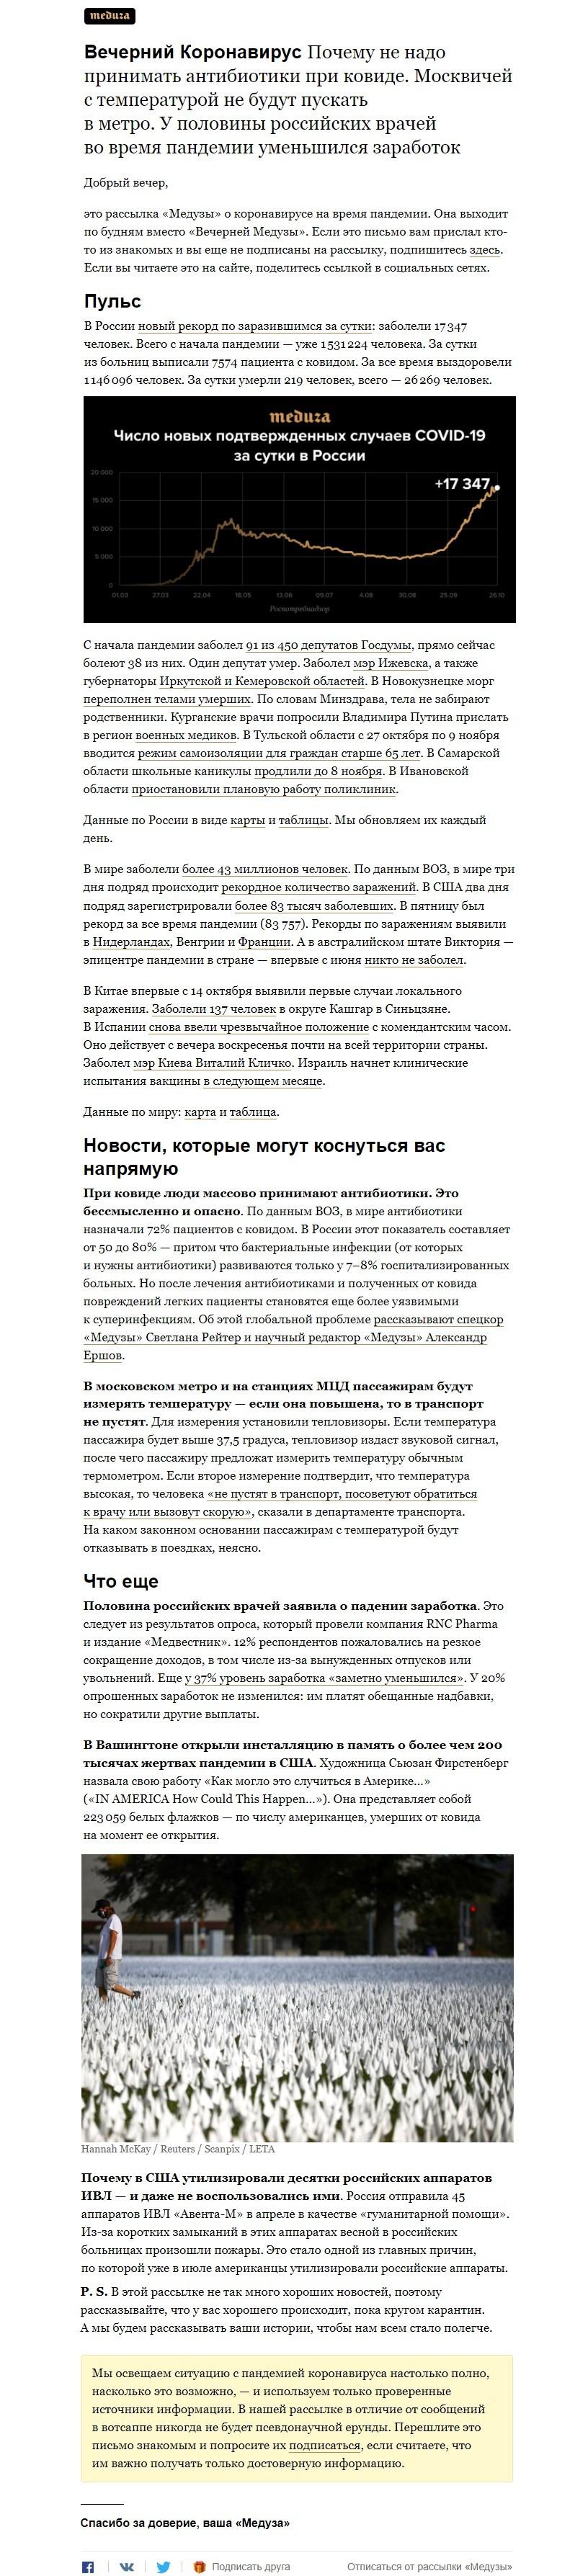 """Рассылка Медузы """"Вечерний Коронавирус"""""""